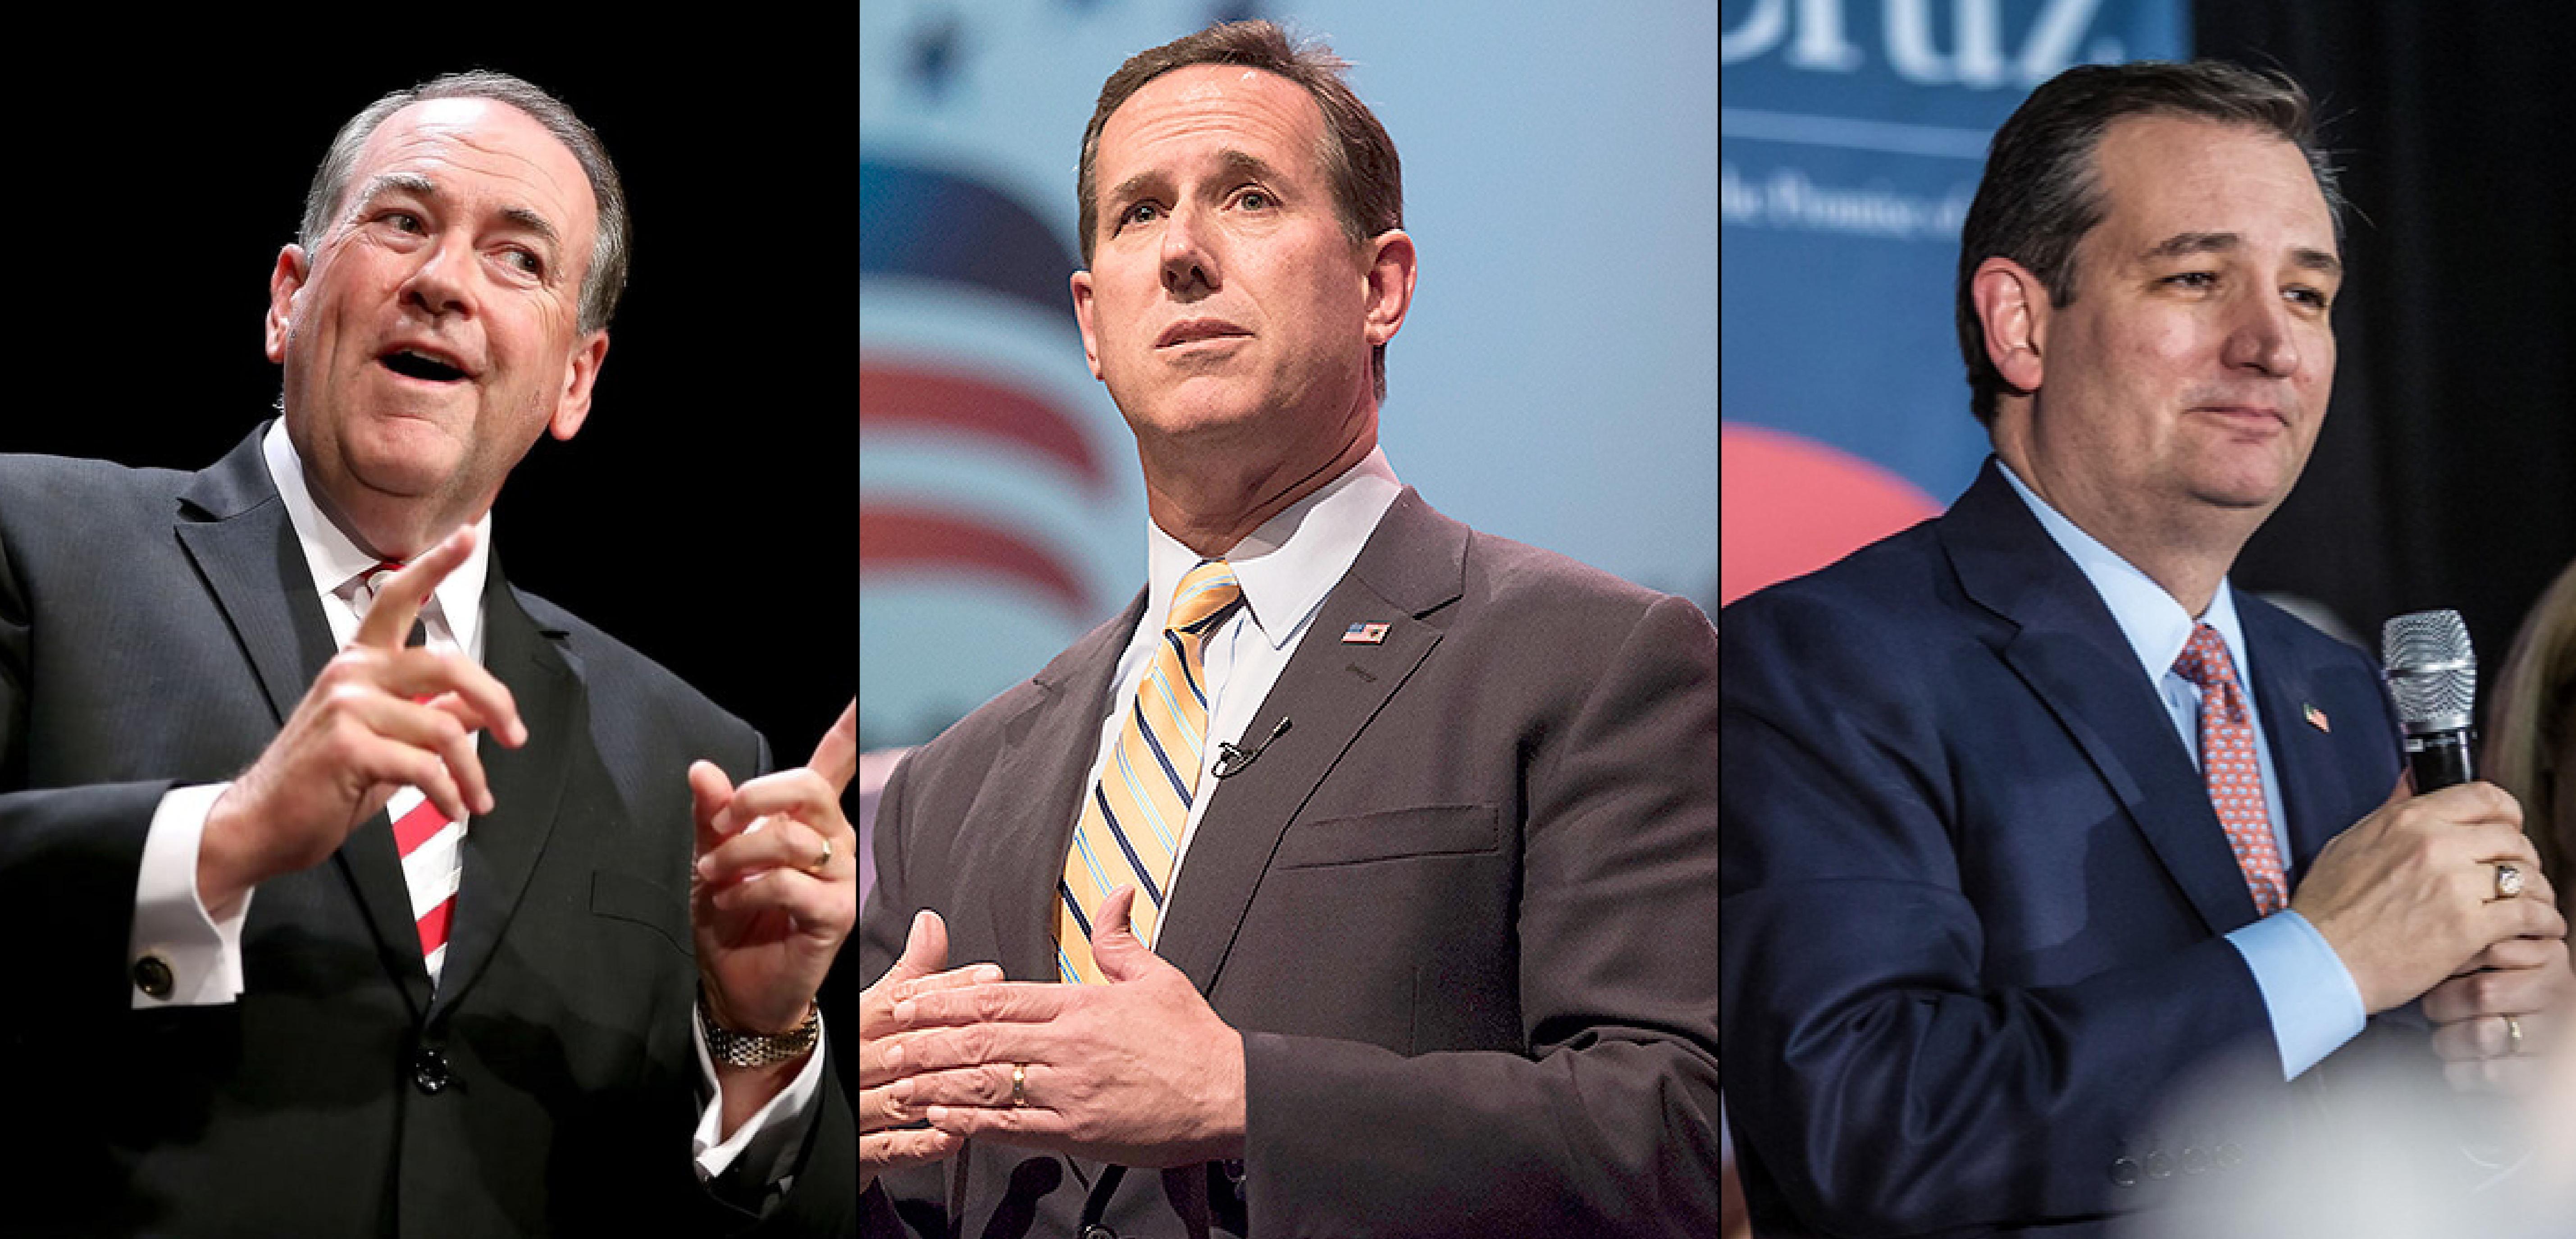 Huckabee, Santorum & Cruz